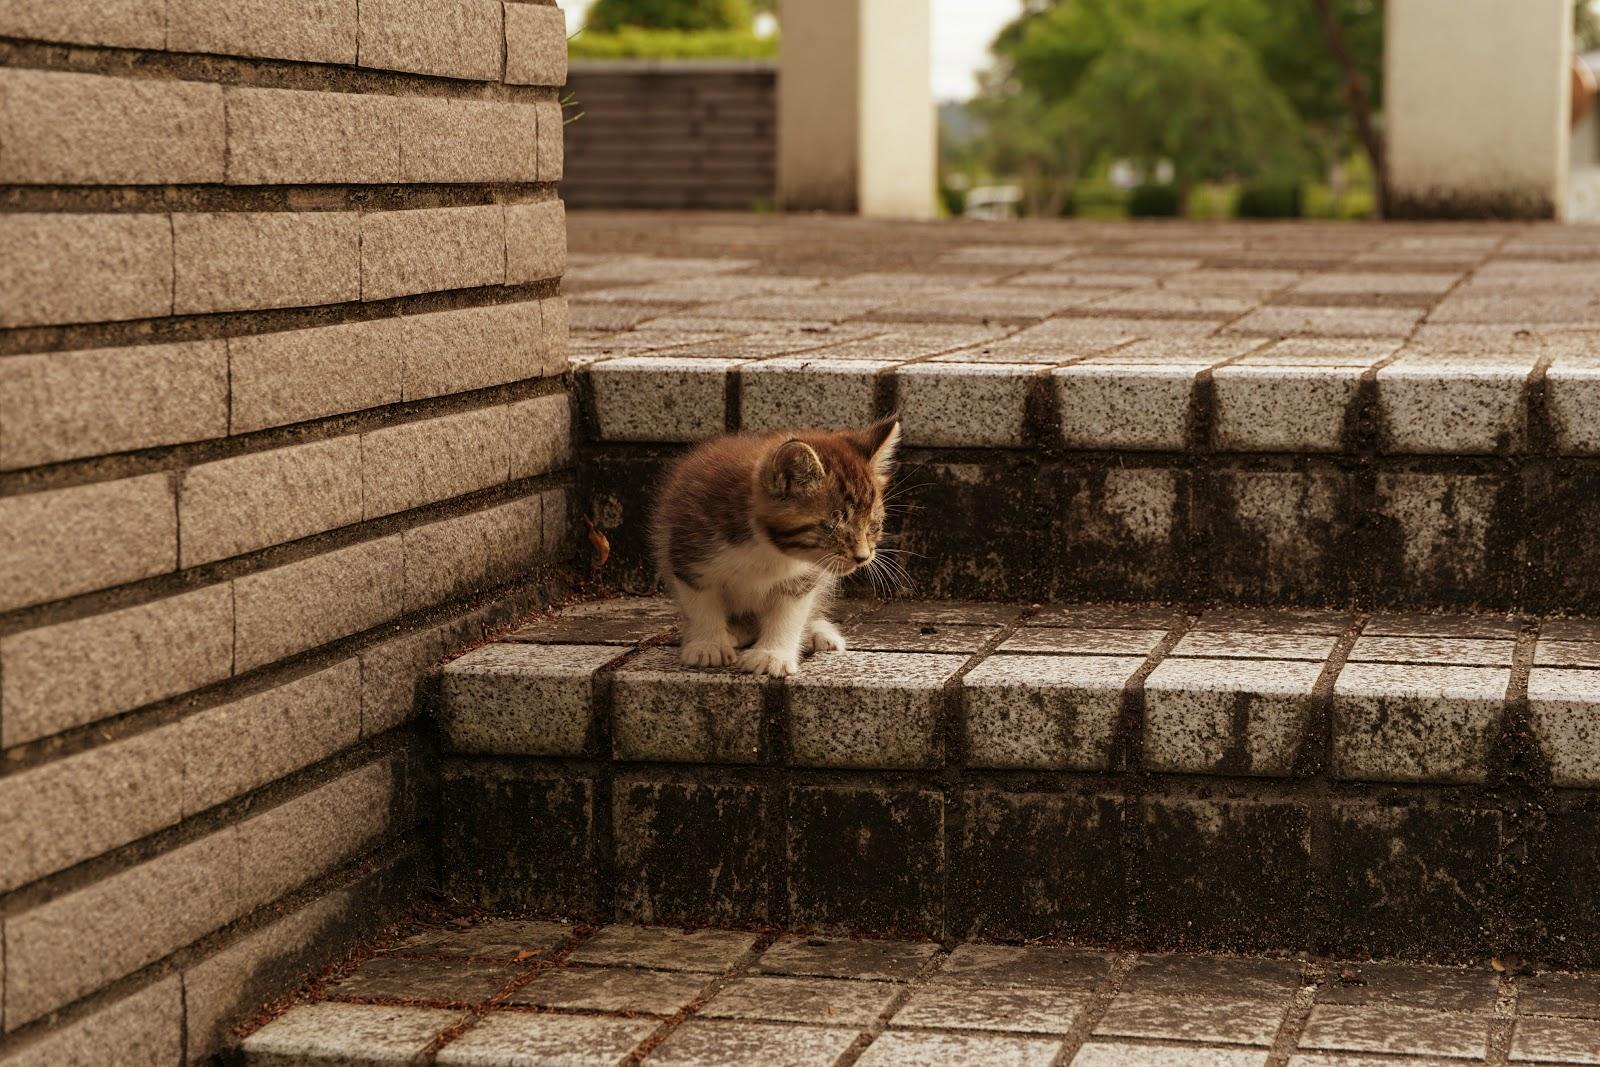 公園の階段の上の方に座った子猫が降りようと下の方へ様子を見ている